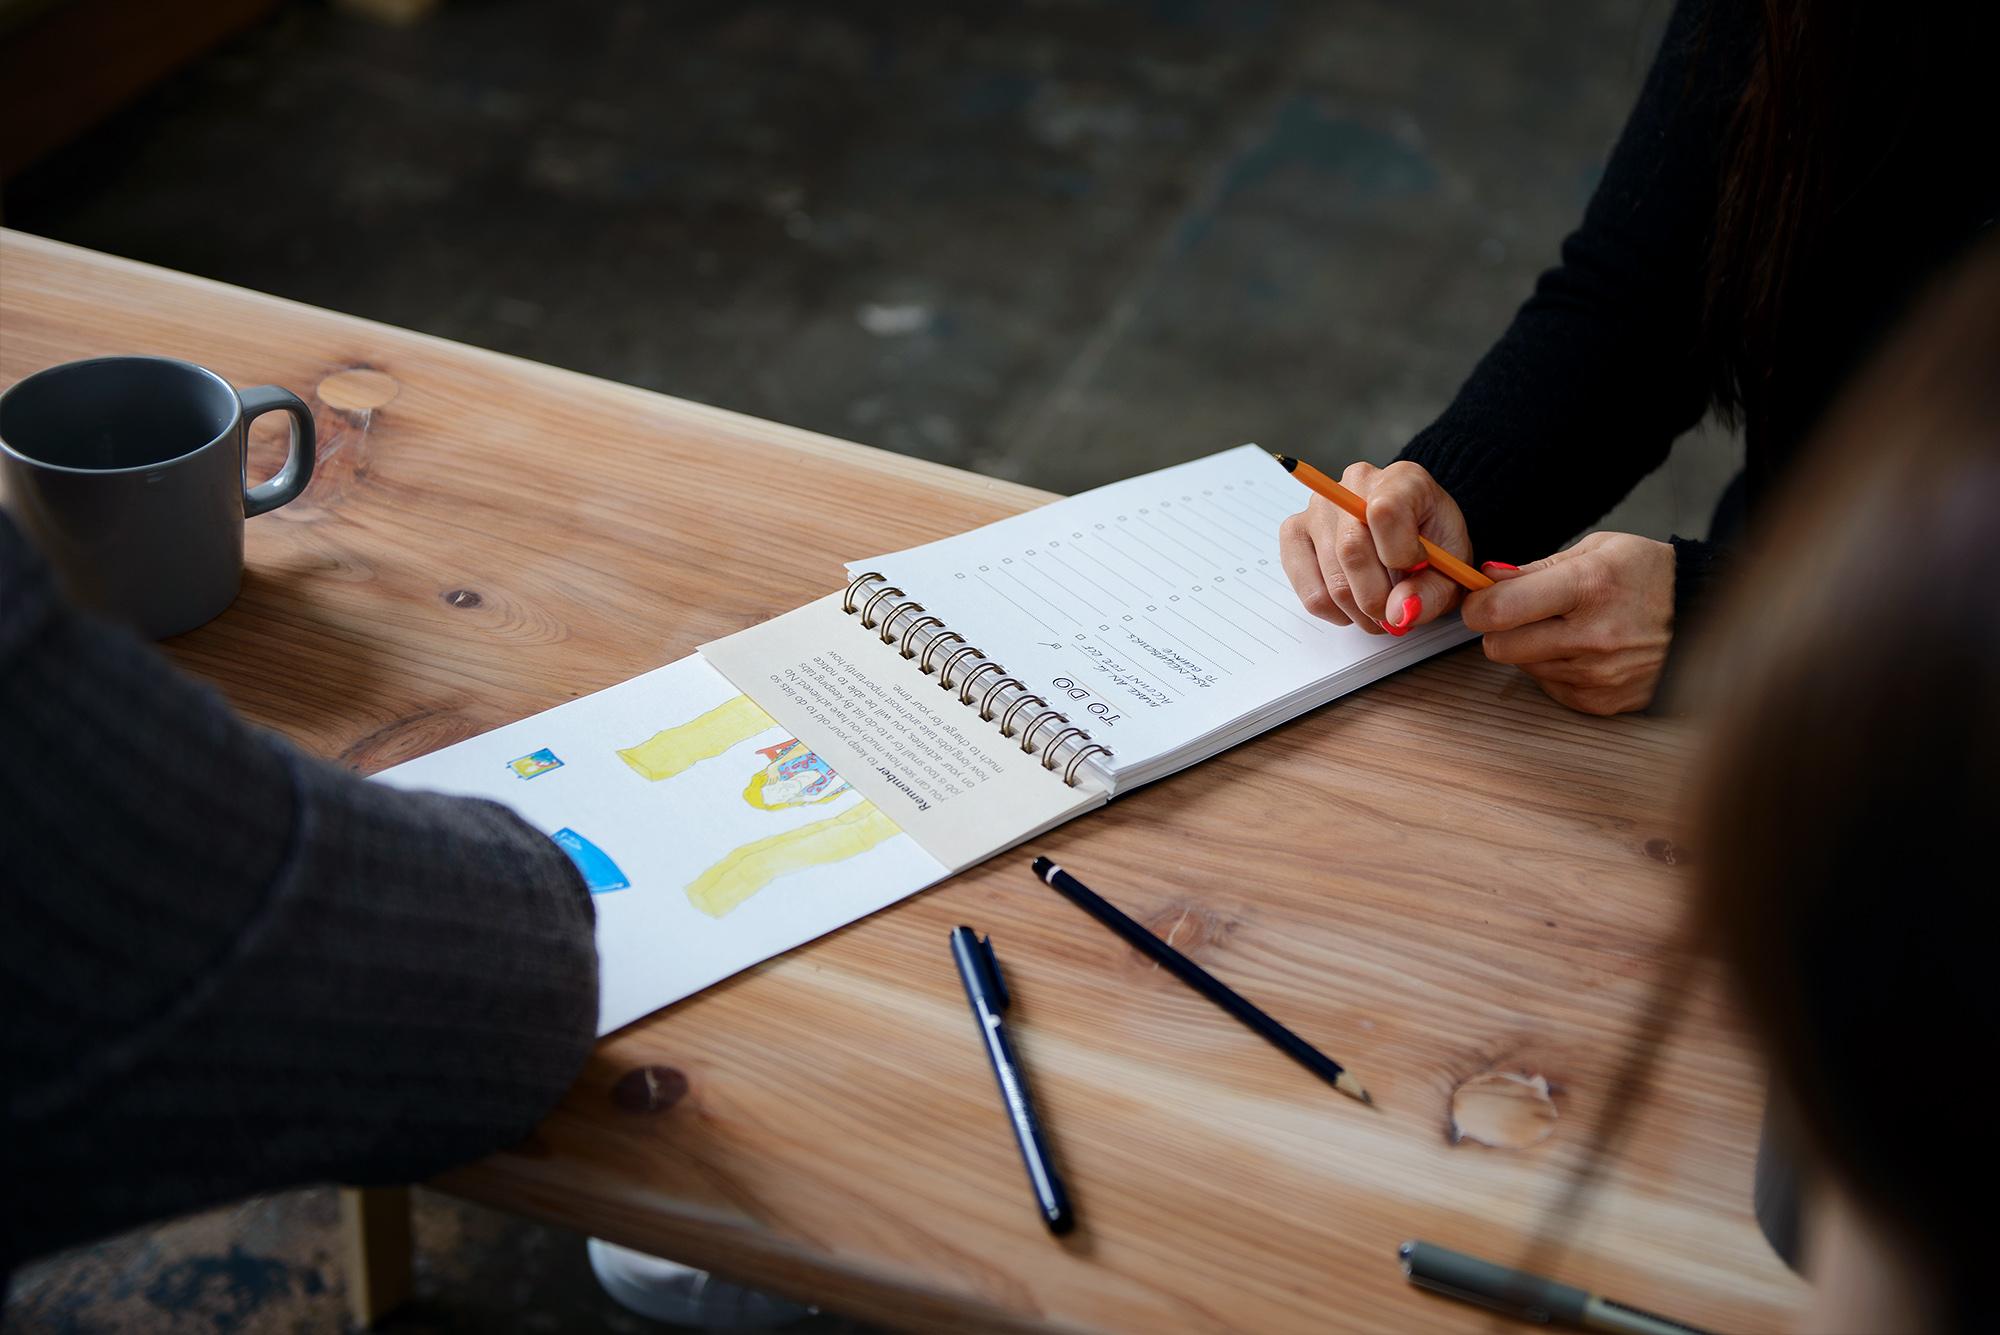 Doodl-Notebook-for-startups-RCF-6.jpg